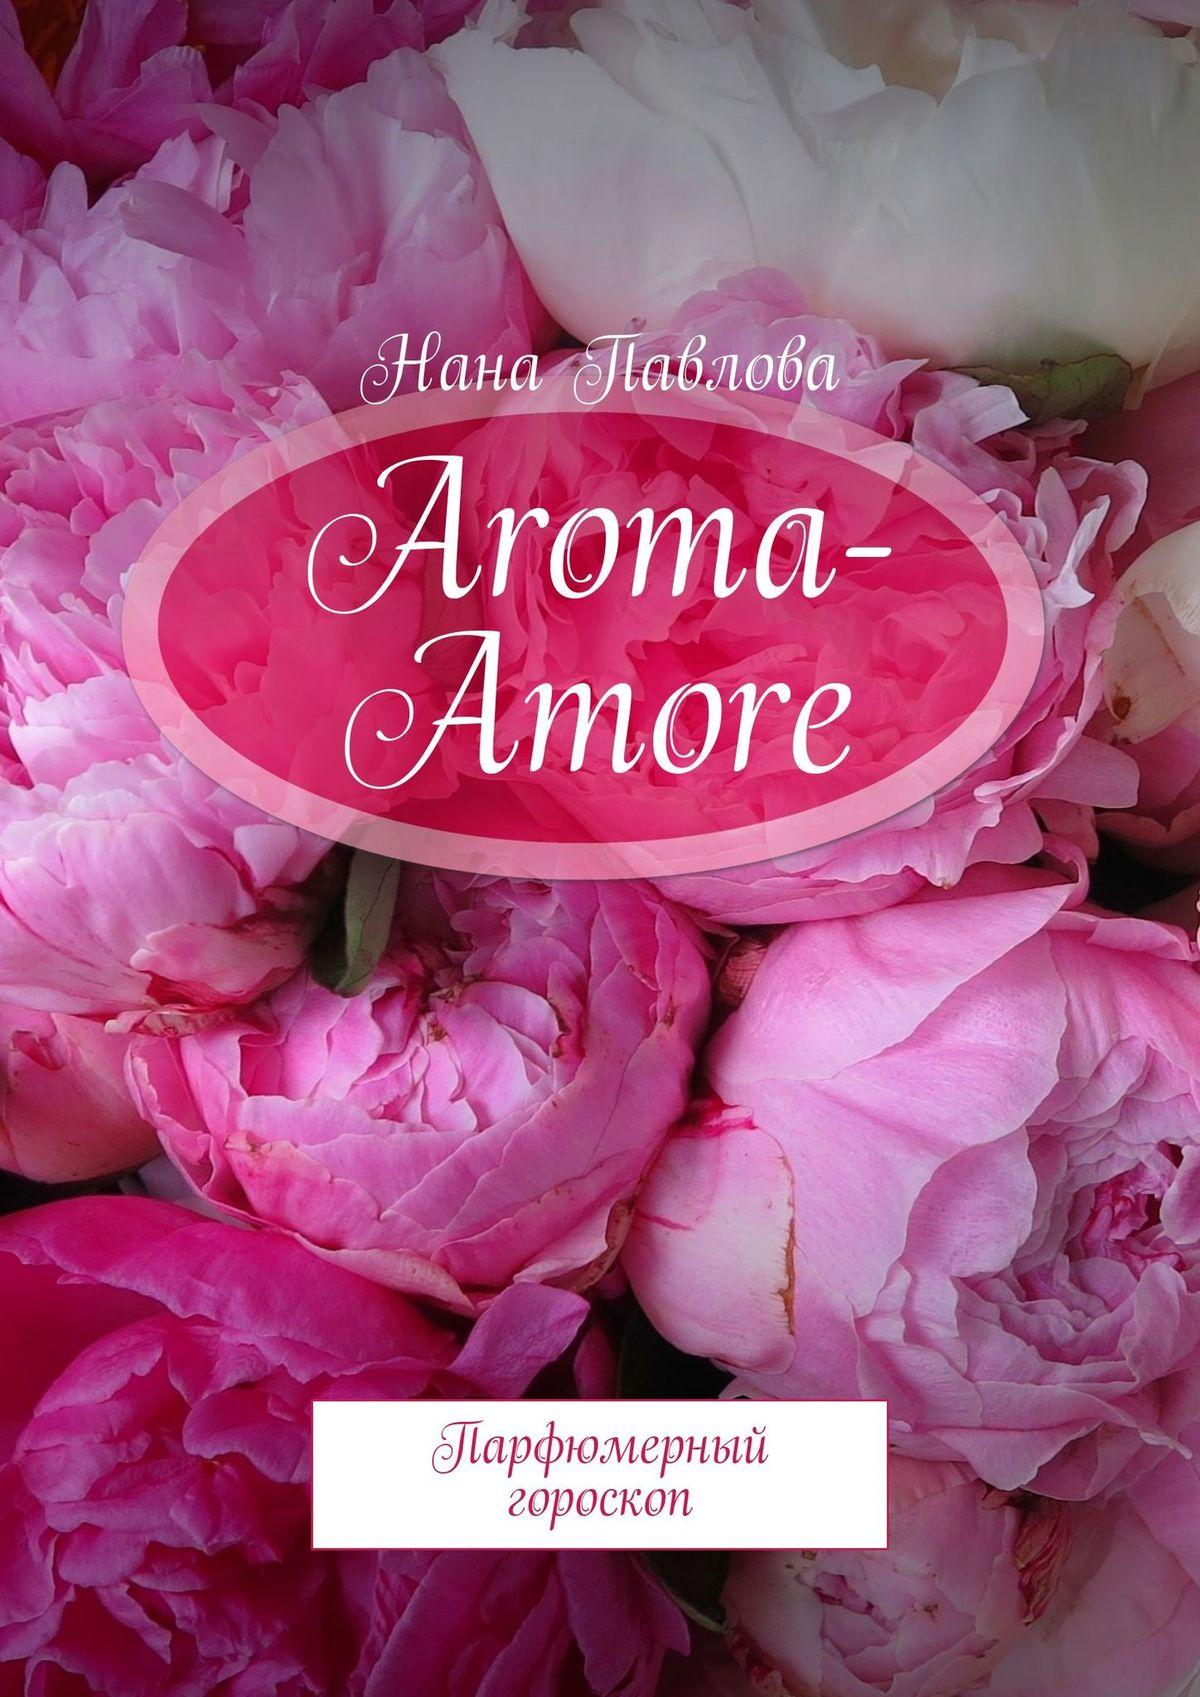 Нана Павлова Aroma-Amore прекрасной женщине